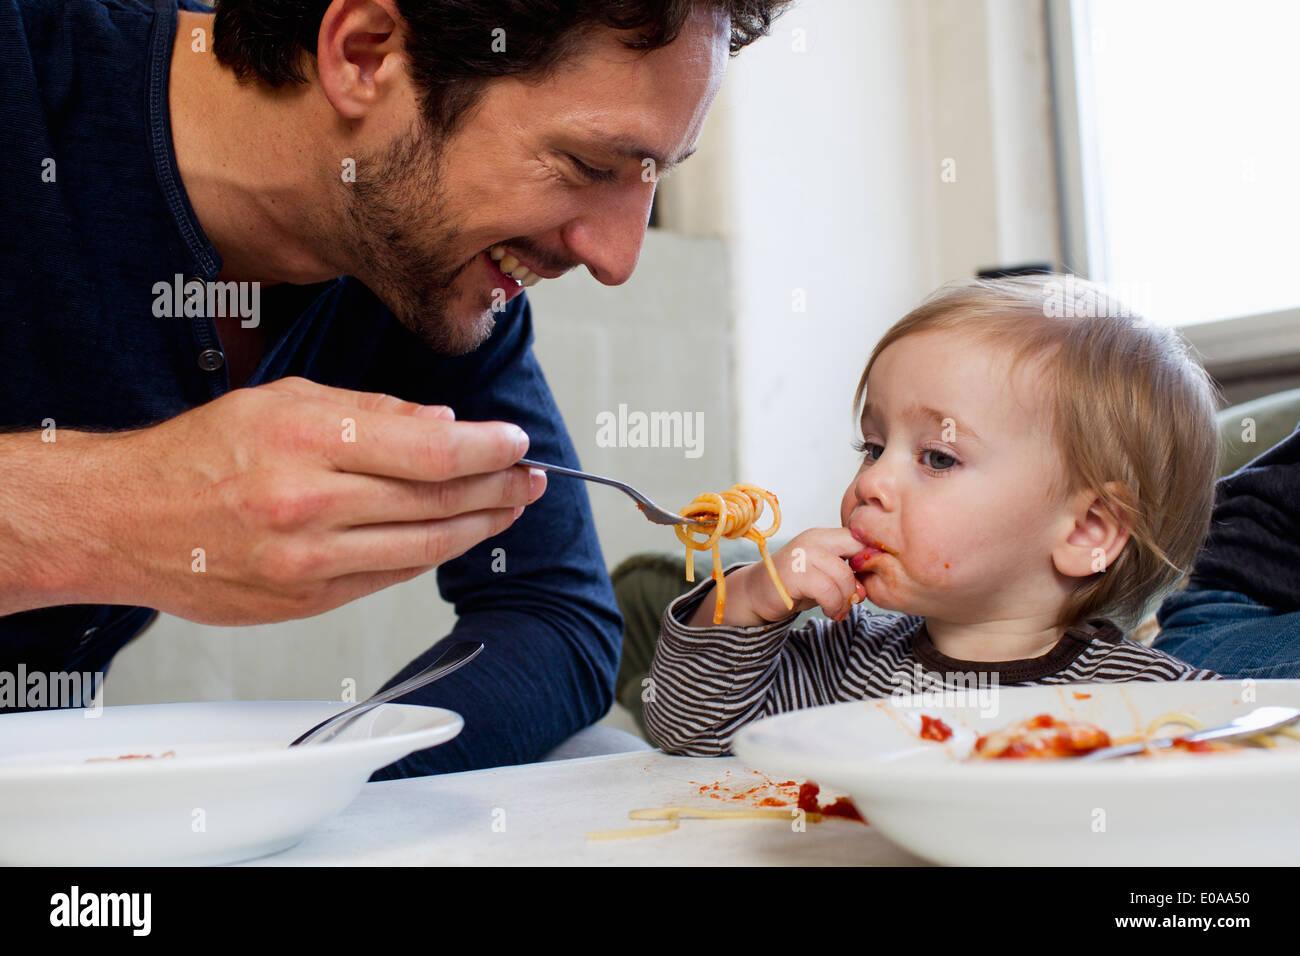 Vater Fütterung ein Jahr alte Tochter spaghetti Stockbild